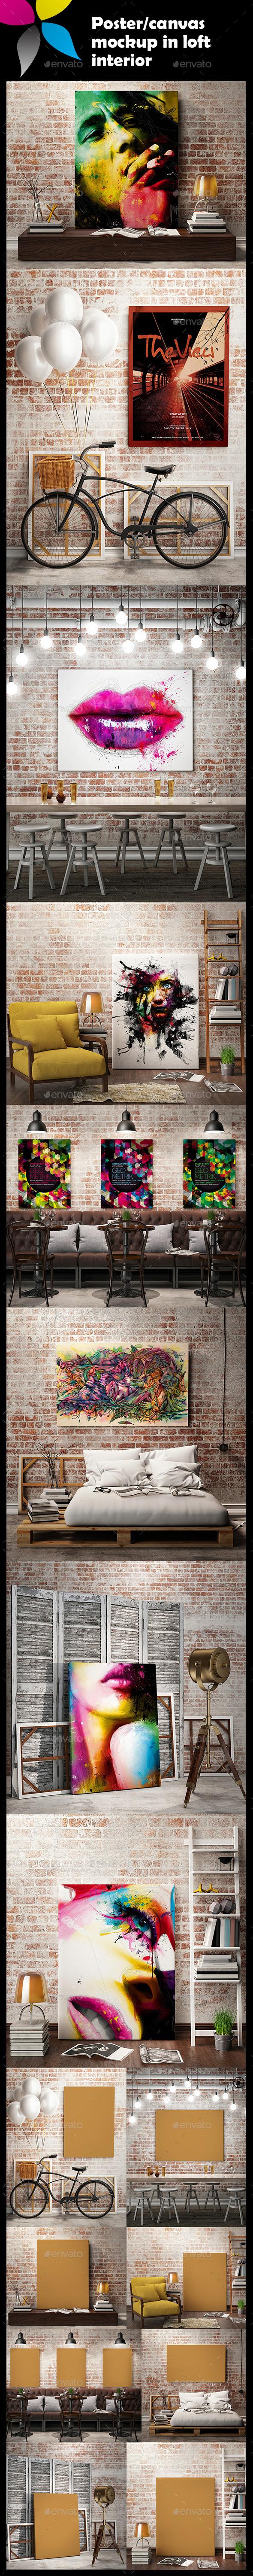 GraphicRiver Poster Canvas Mockup in Loft Interior 10106430